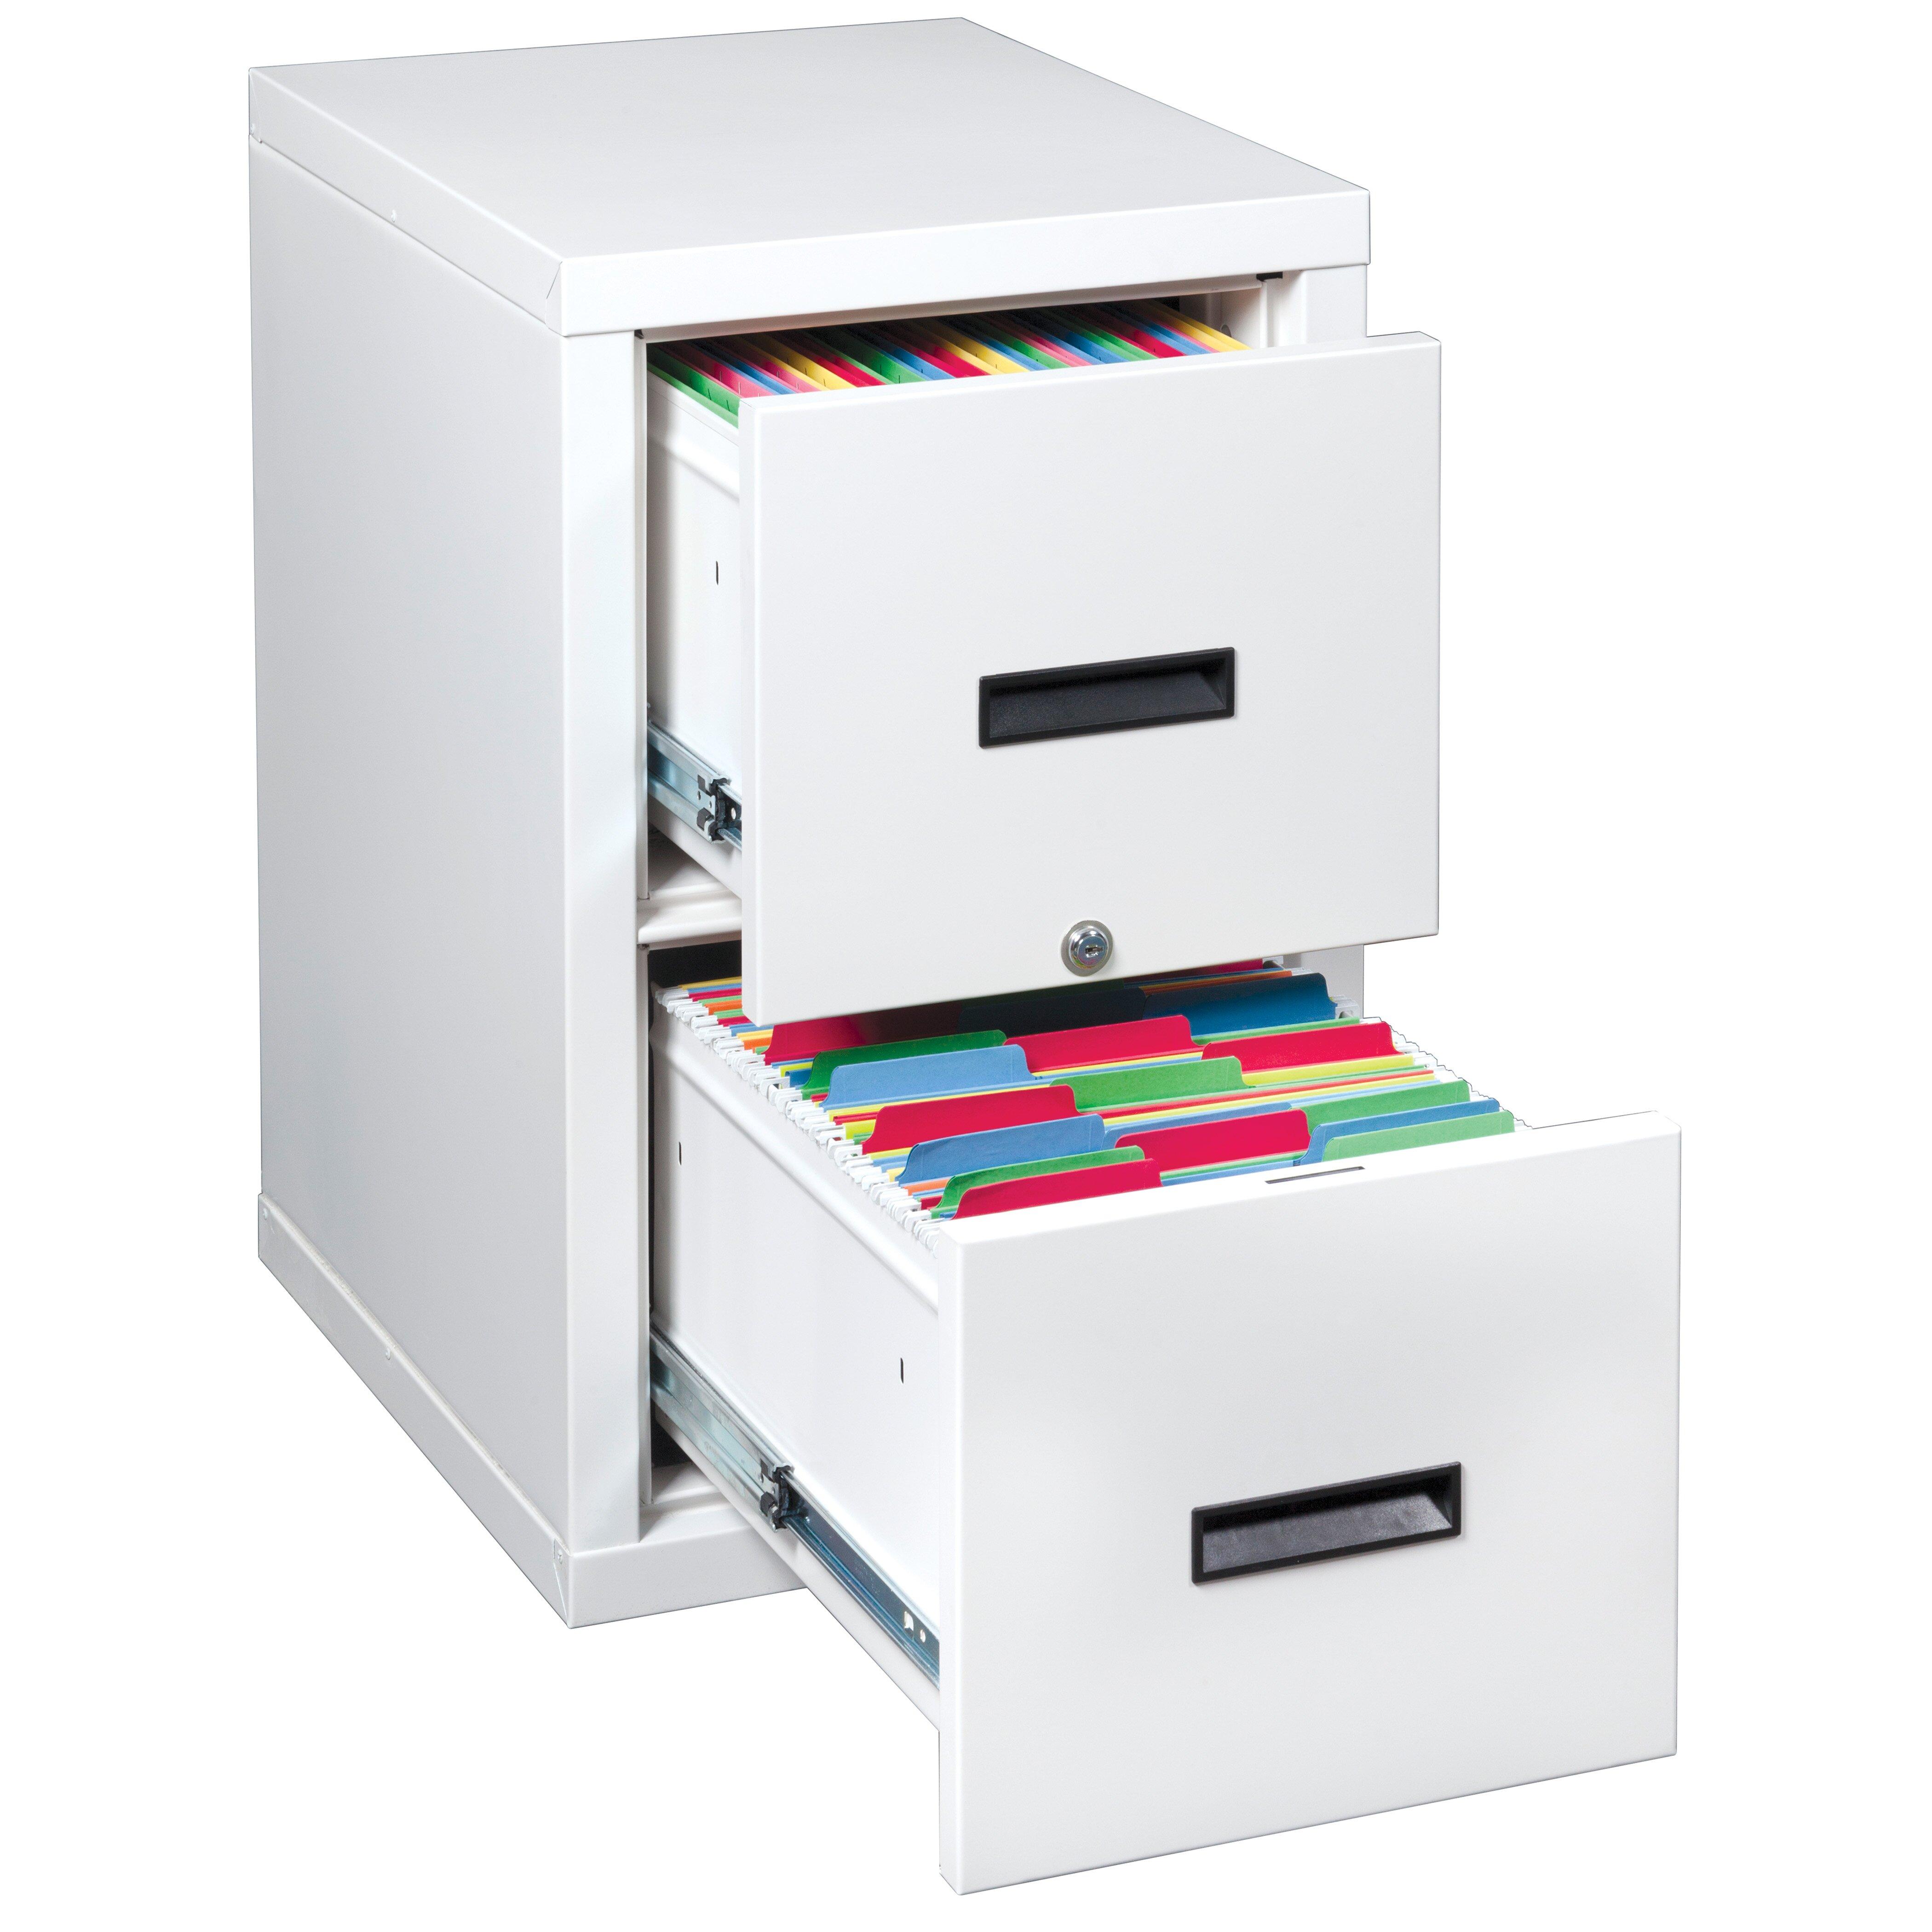 FireKing FireShield 2 Drawer Light Weight Fireproof Filing Cabinet